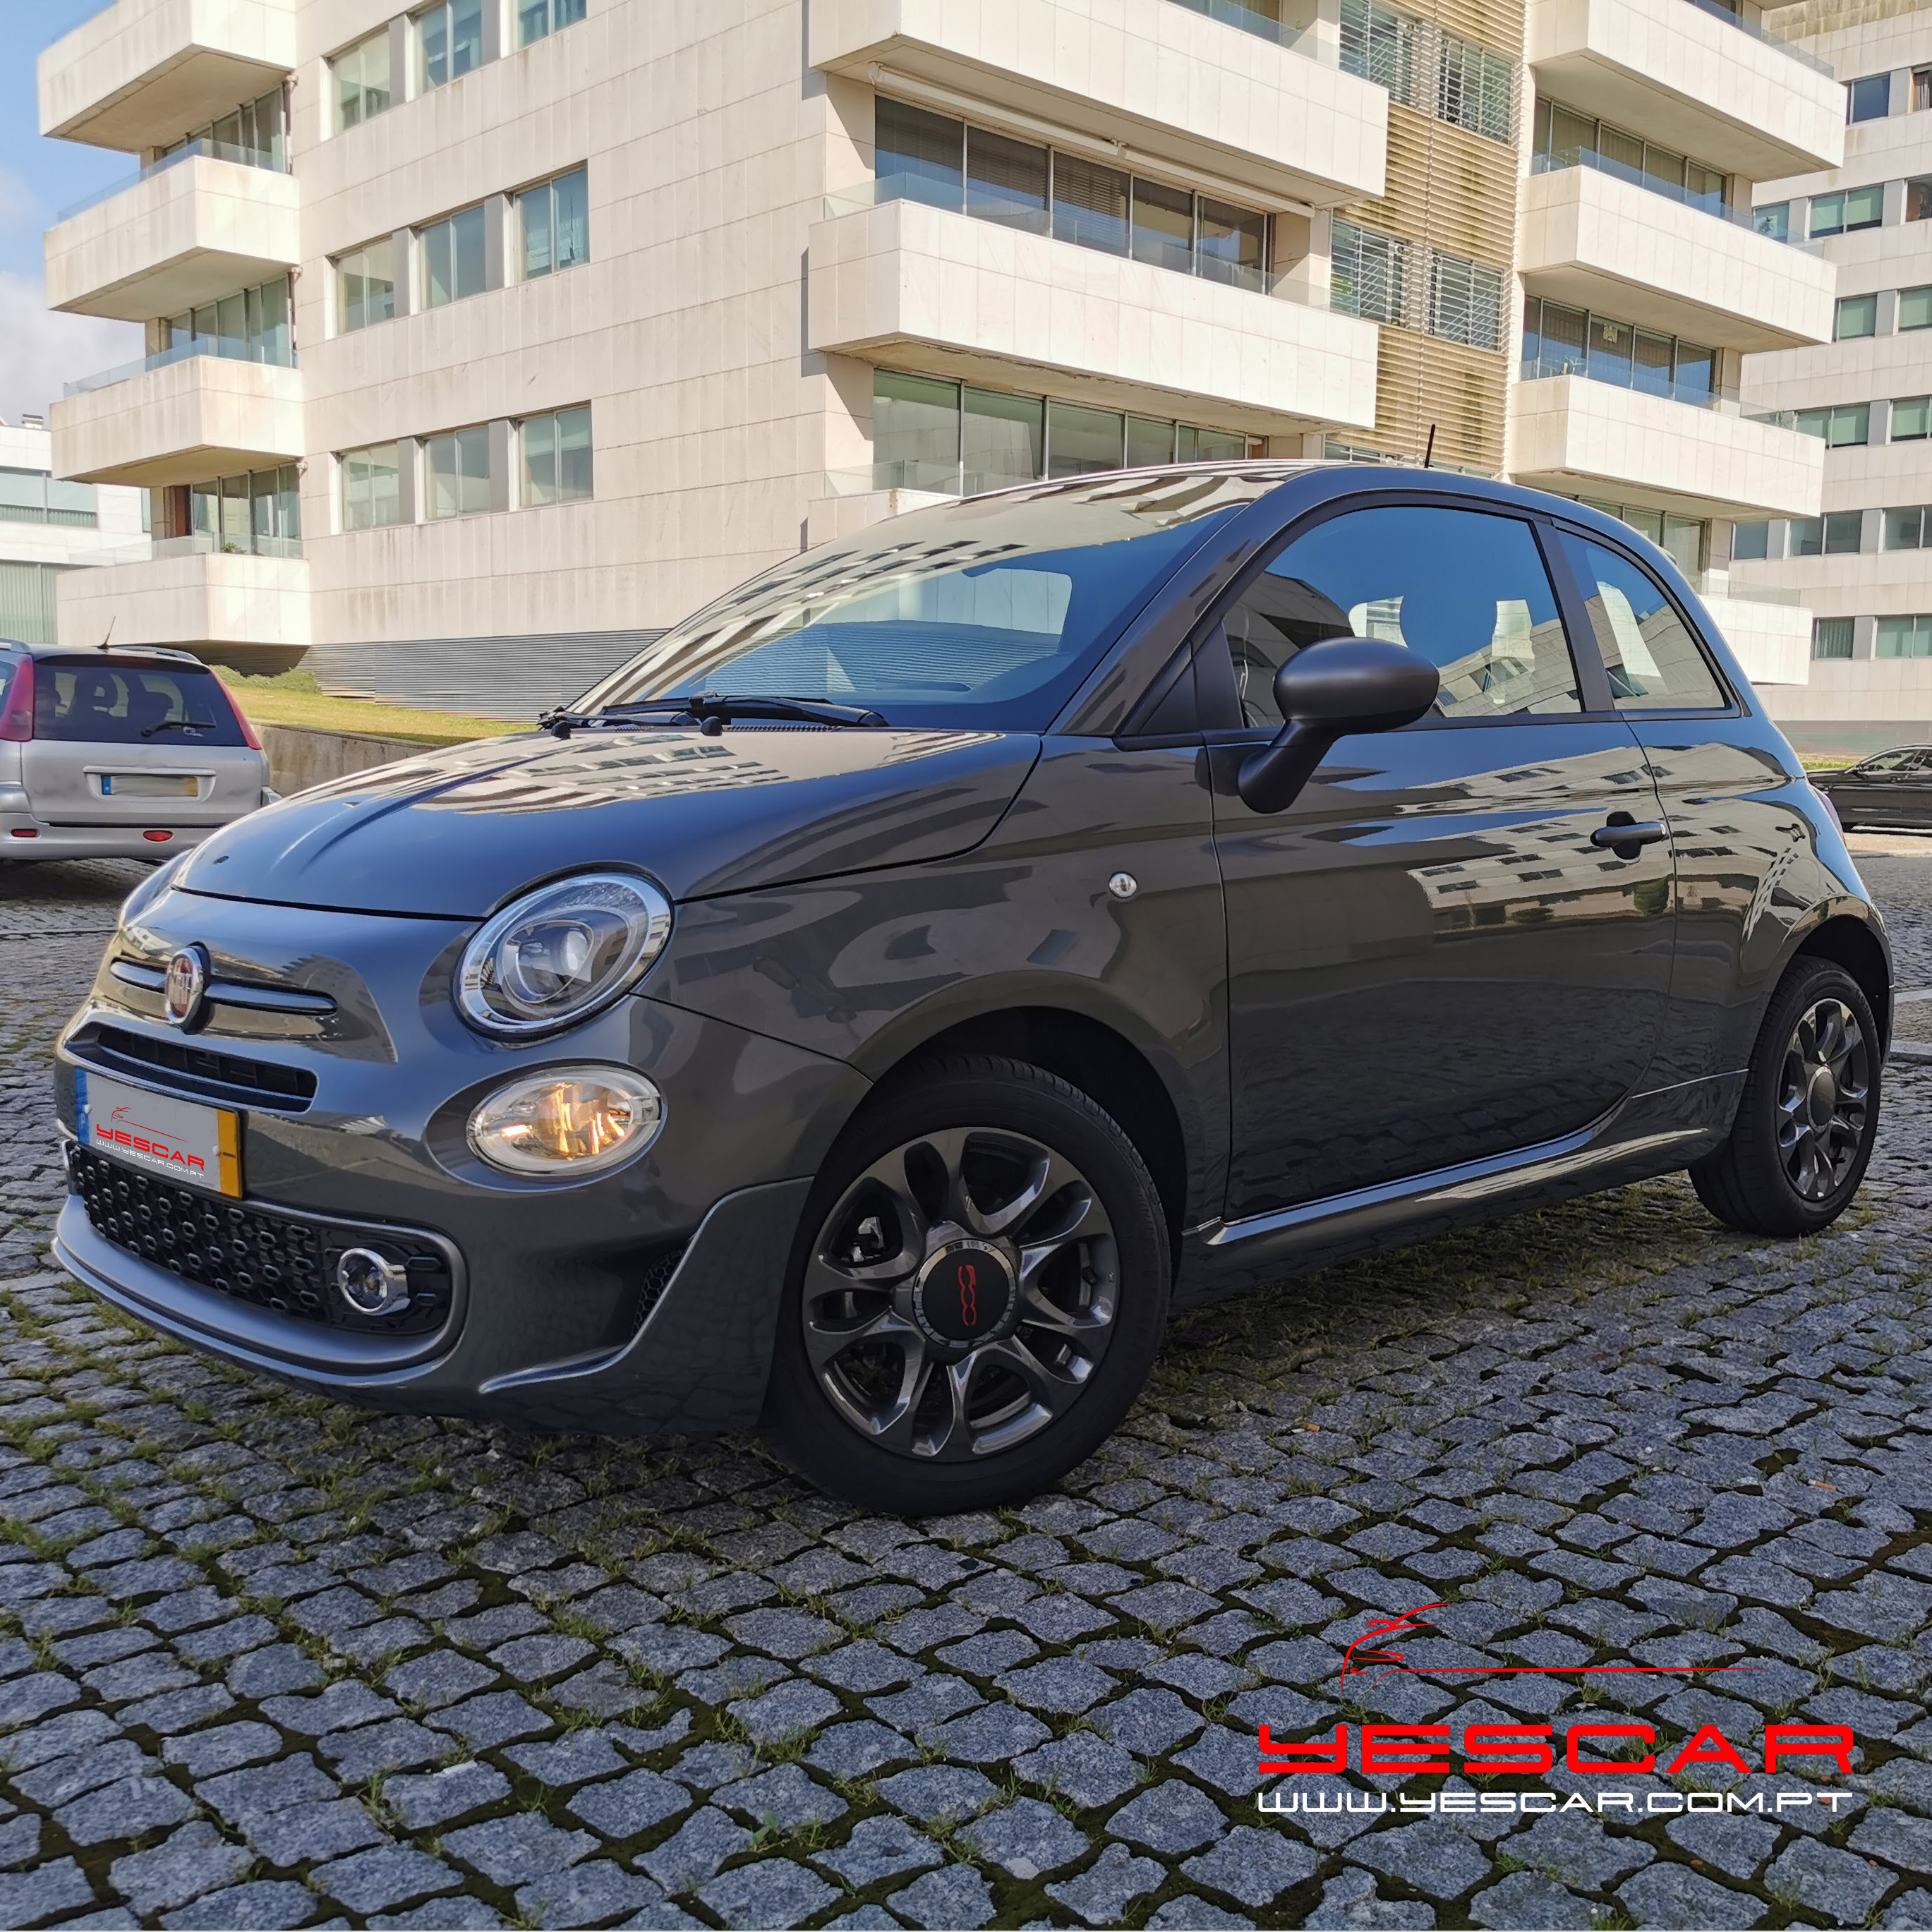 YESCAR_Fiat 500 CC (33)